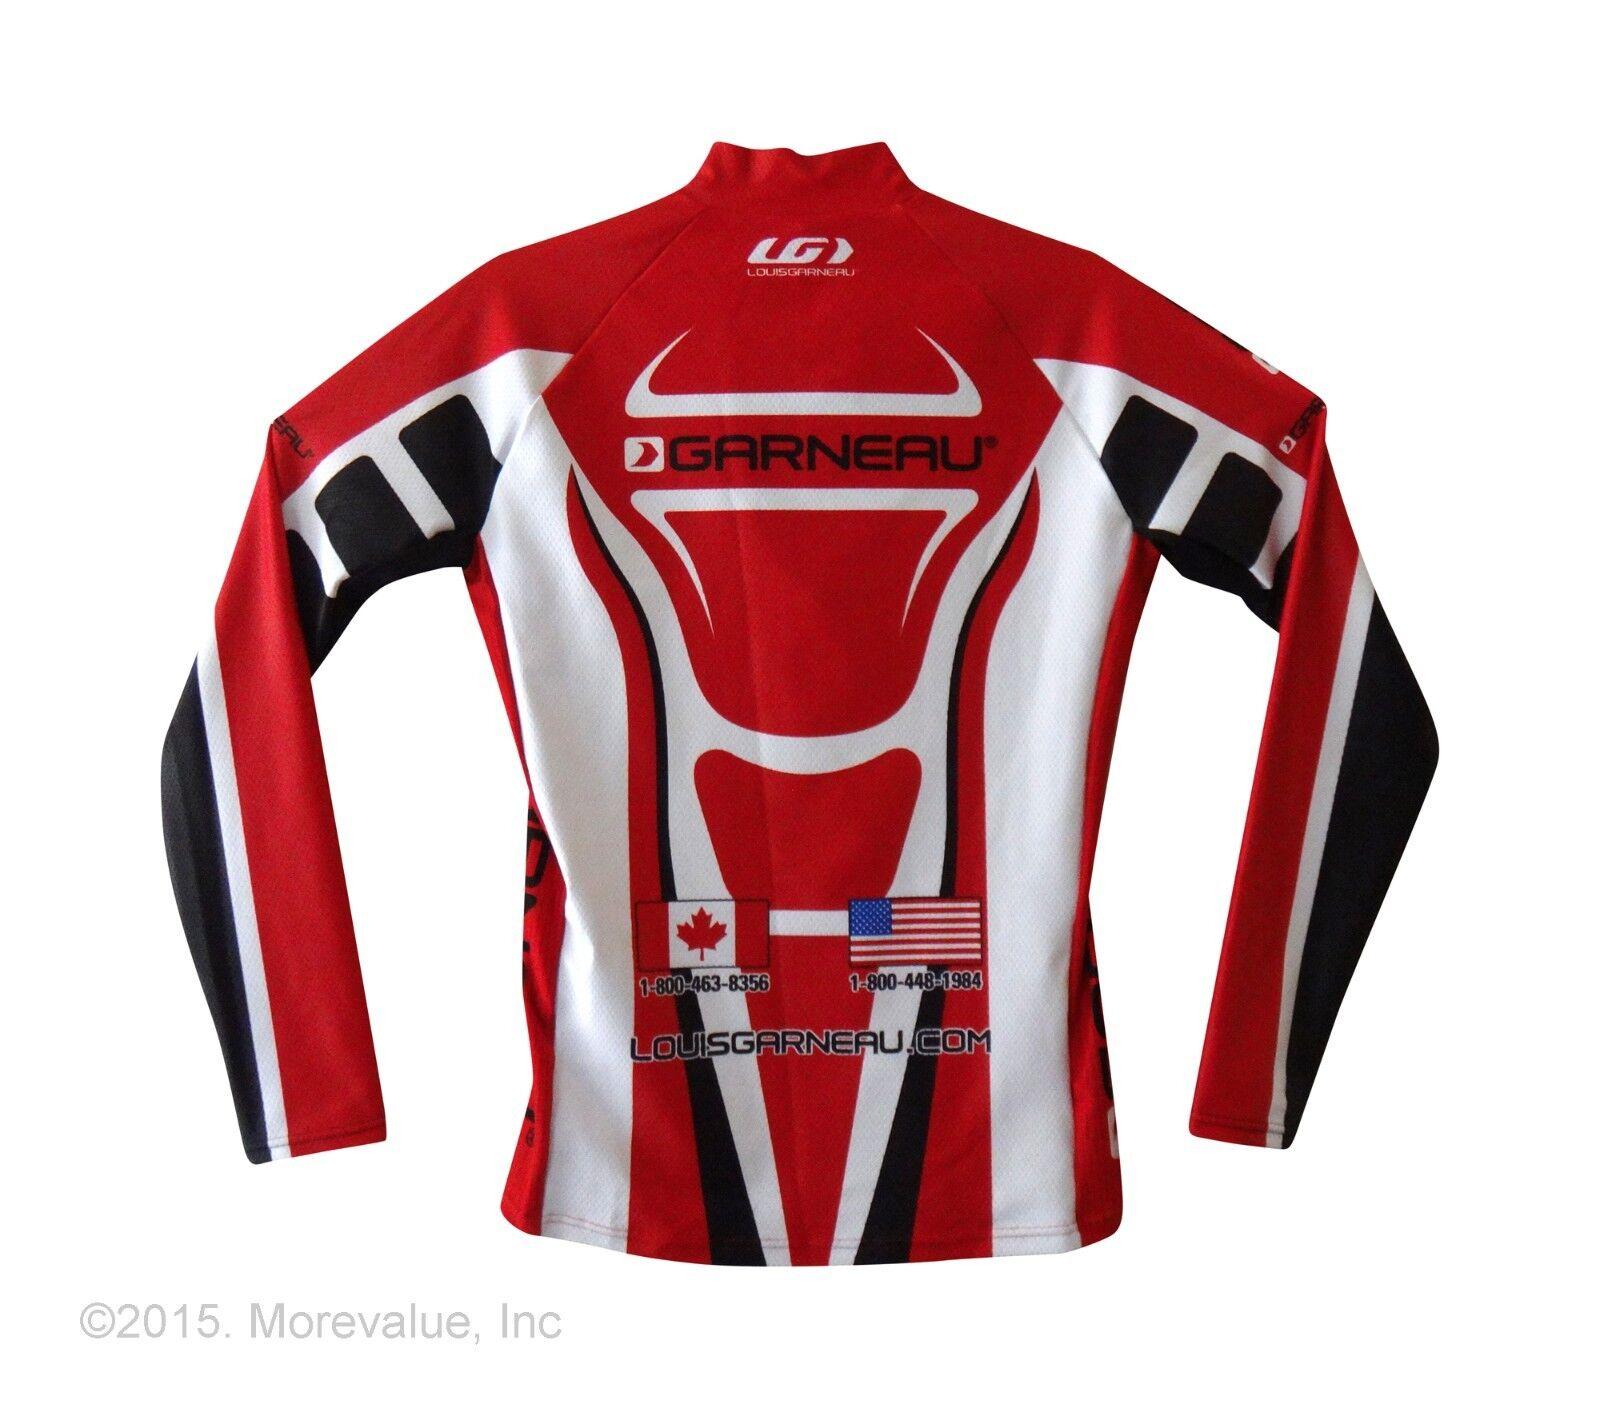 Nuovo Louis Garneau Uomo Elite Cross XC Cross Elite Country Maglia Aero per Fatto N USA cb927f